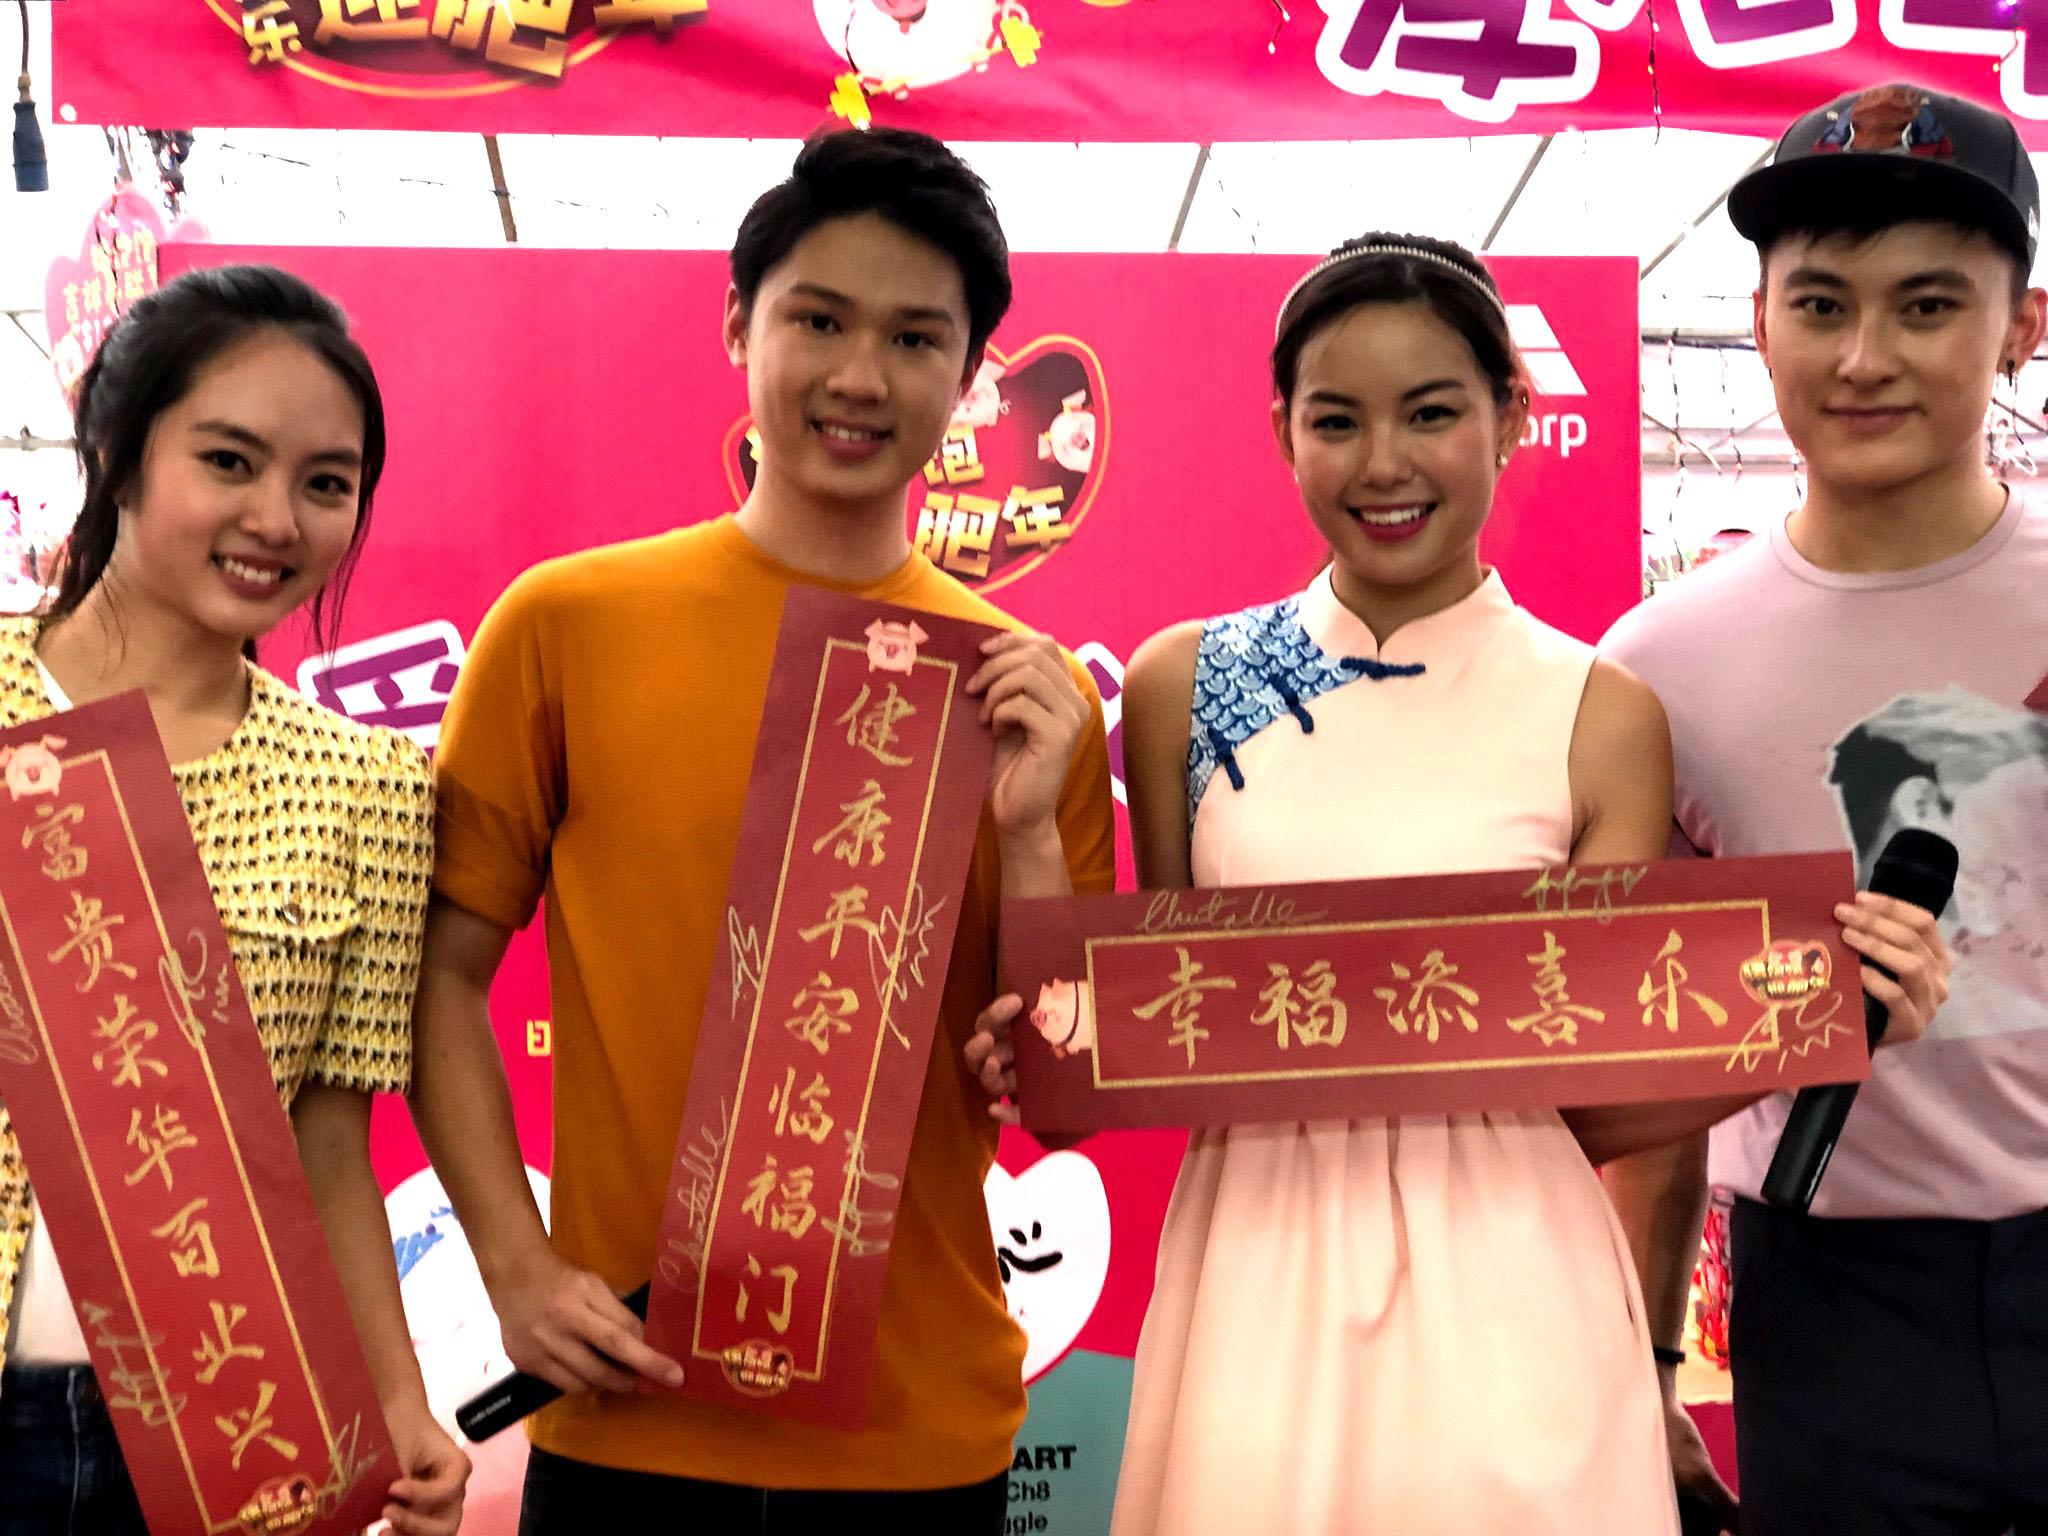 Ryan Loi Zhu Bao Bao 02